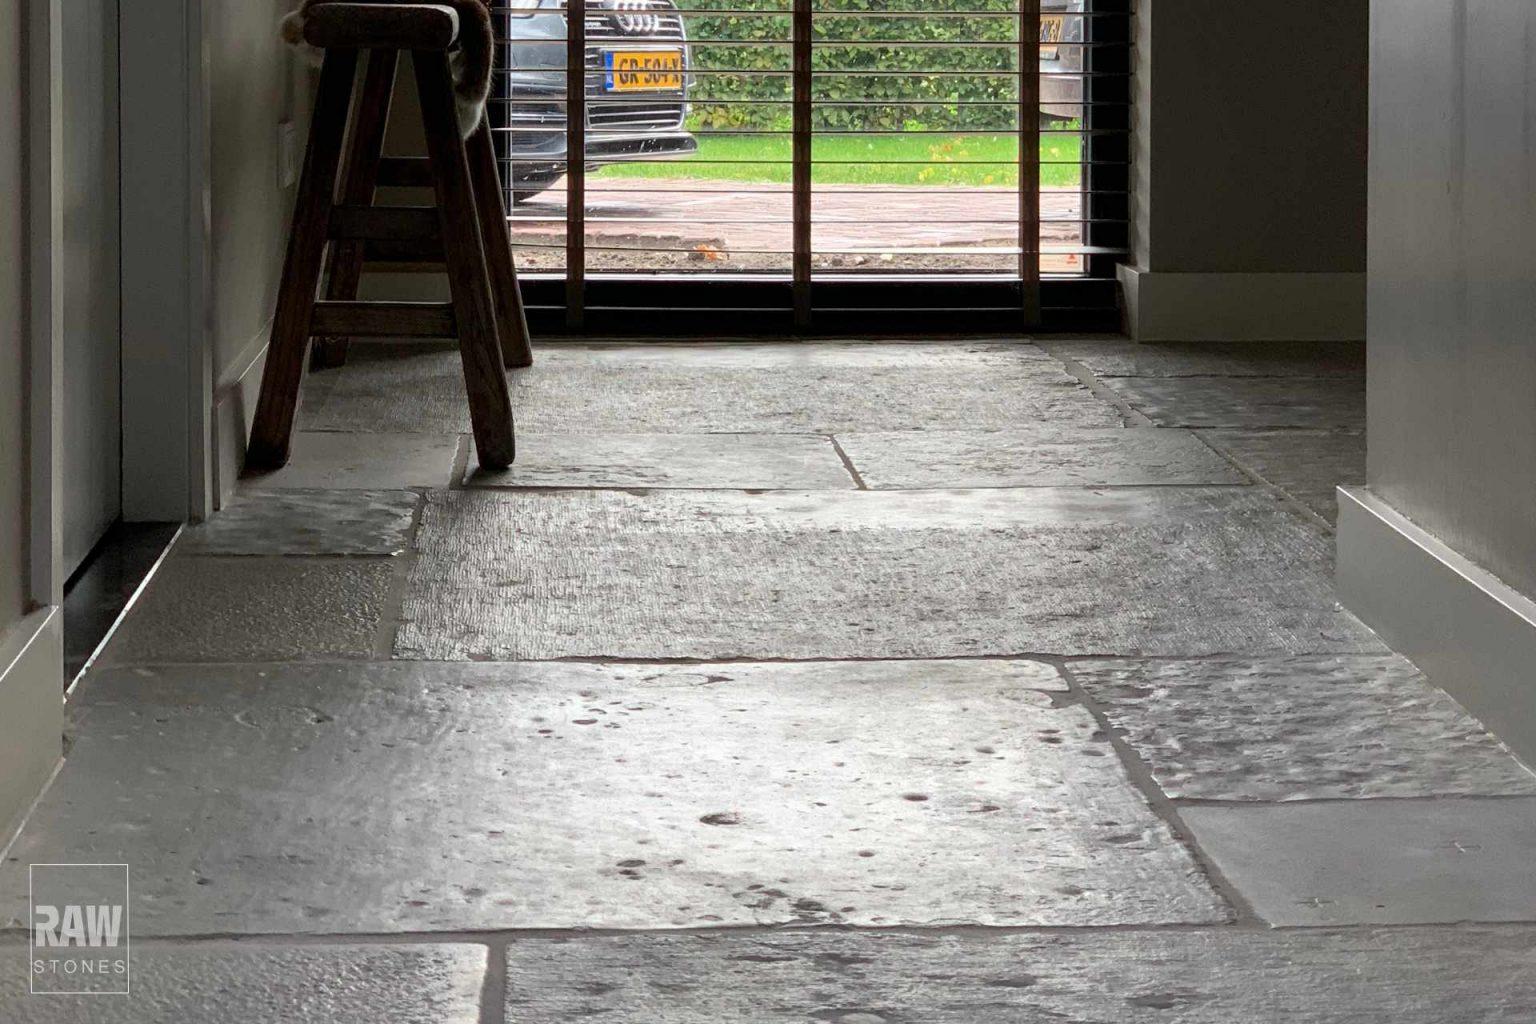 RAW stones vloer 2